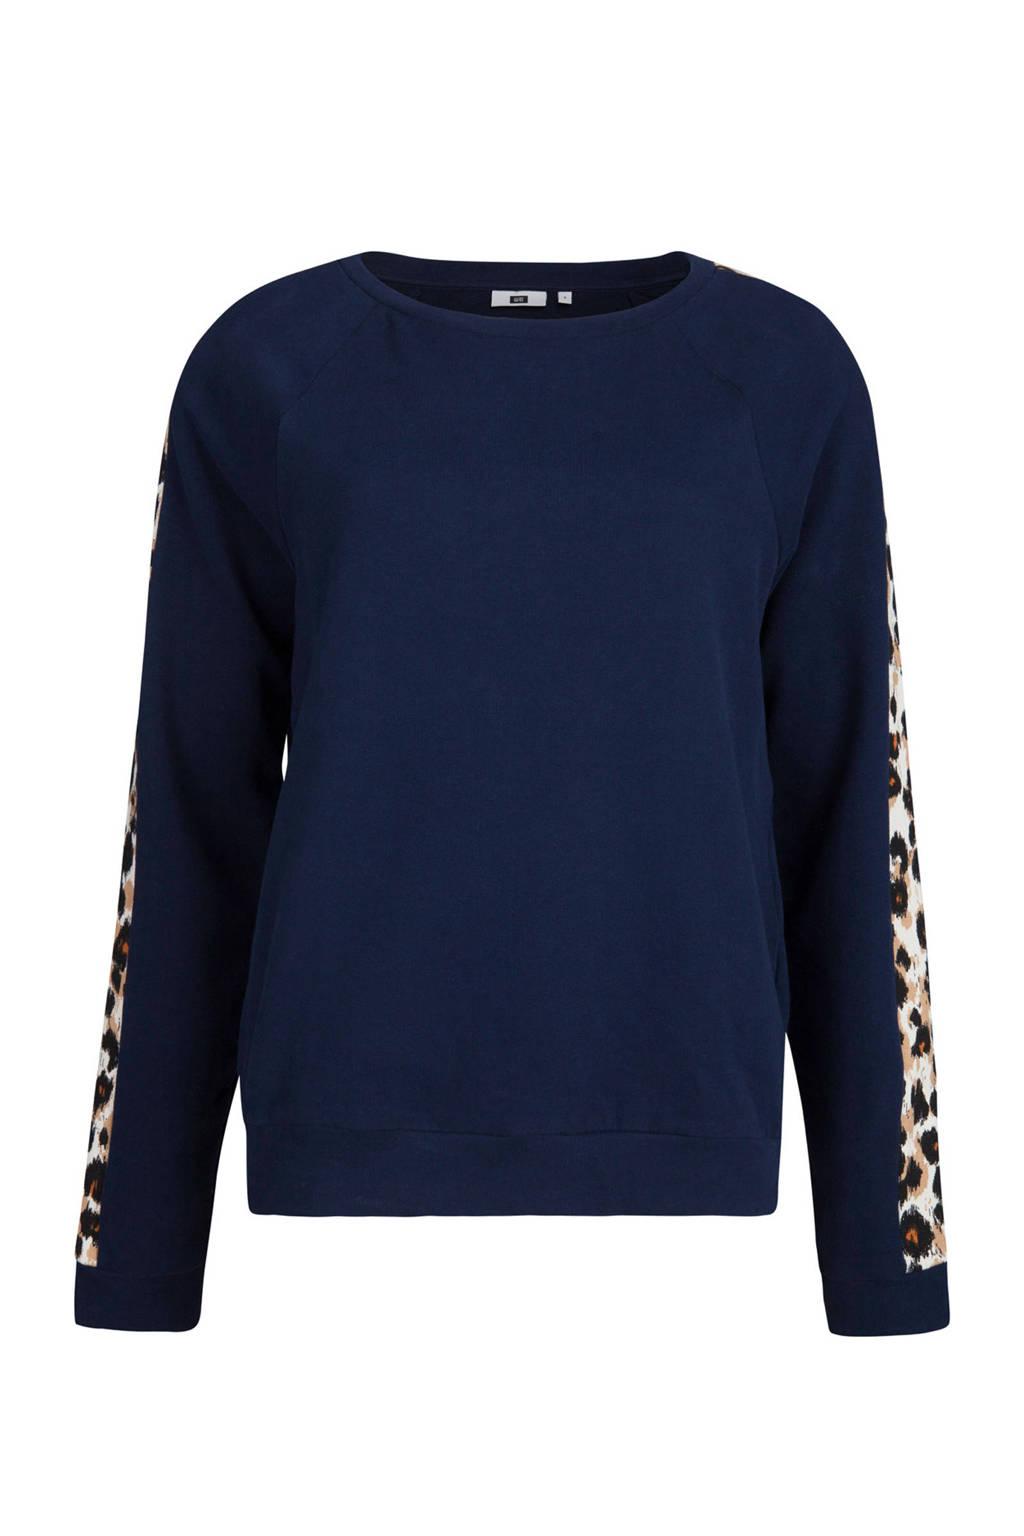 WE Fashion trui met panterprint detail, Donkerblauw